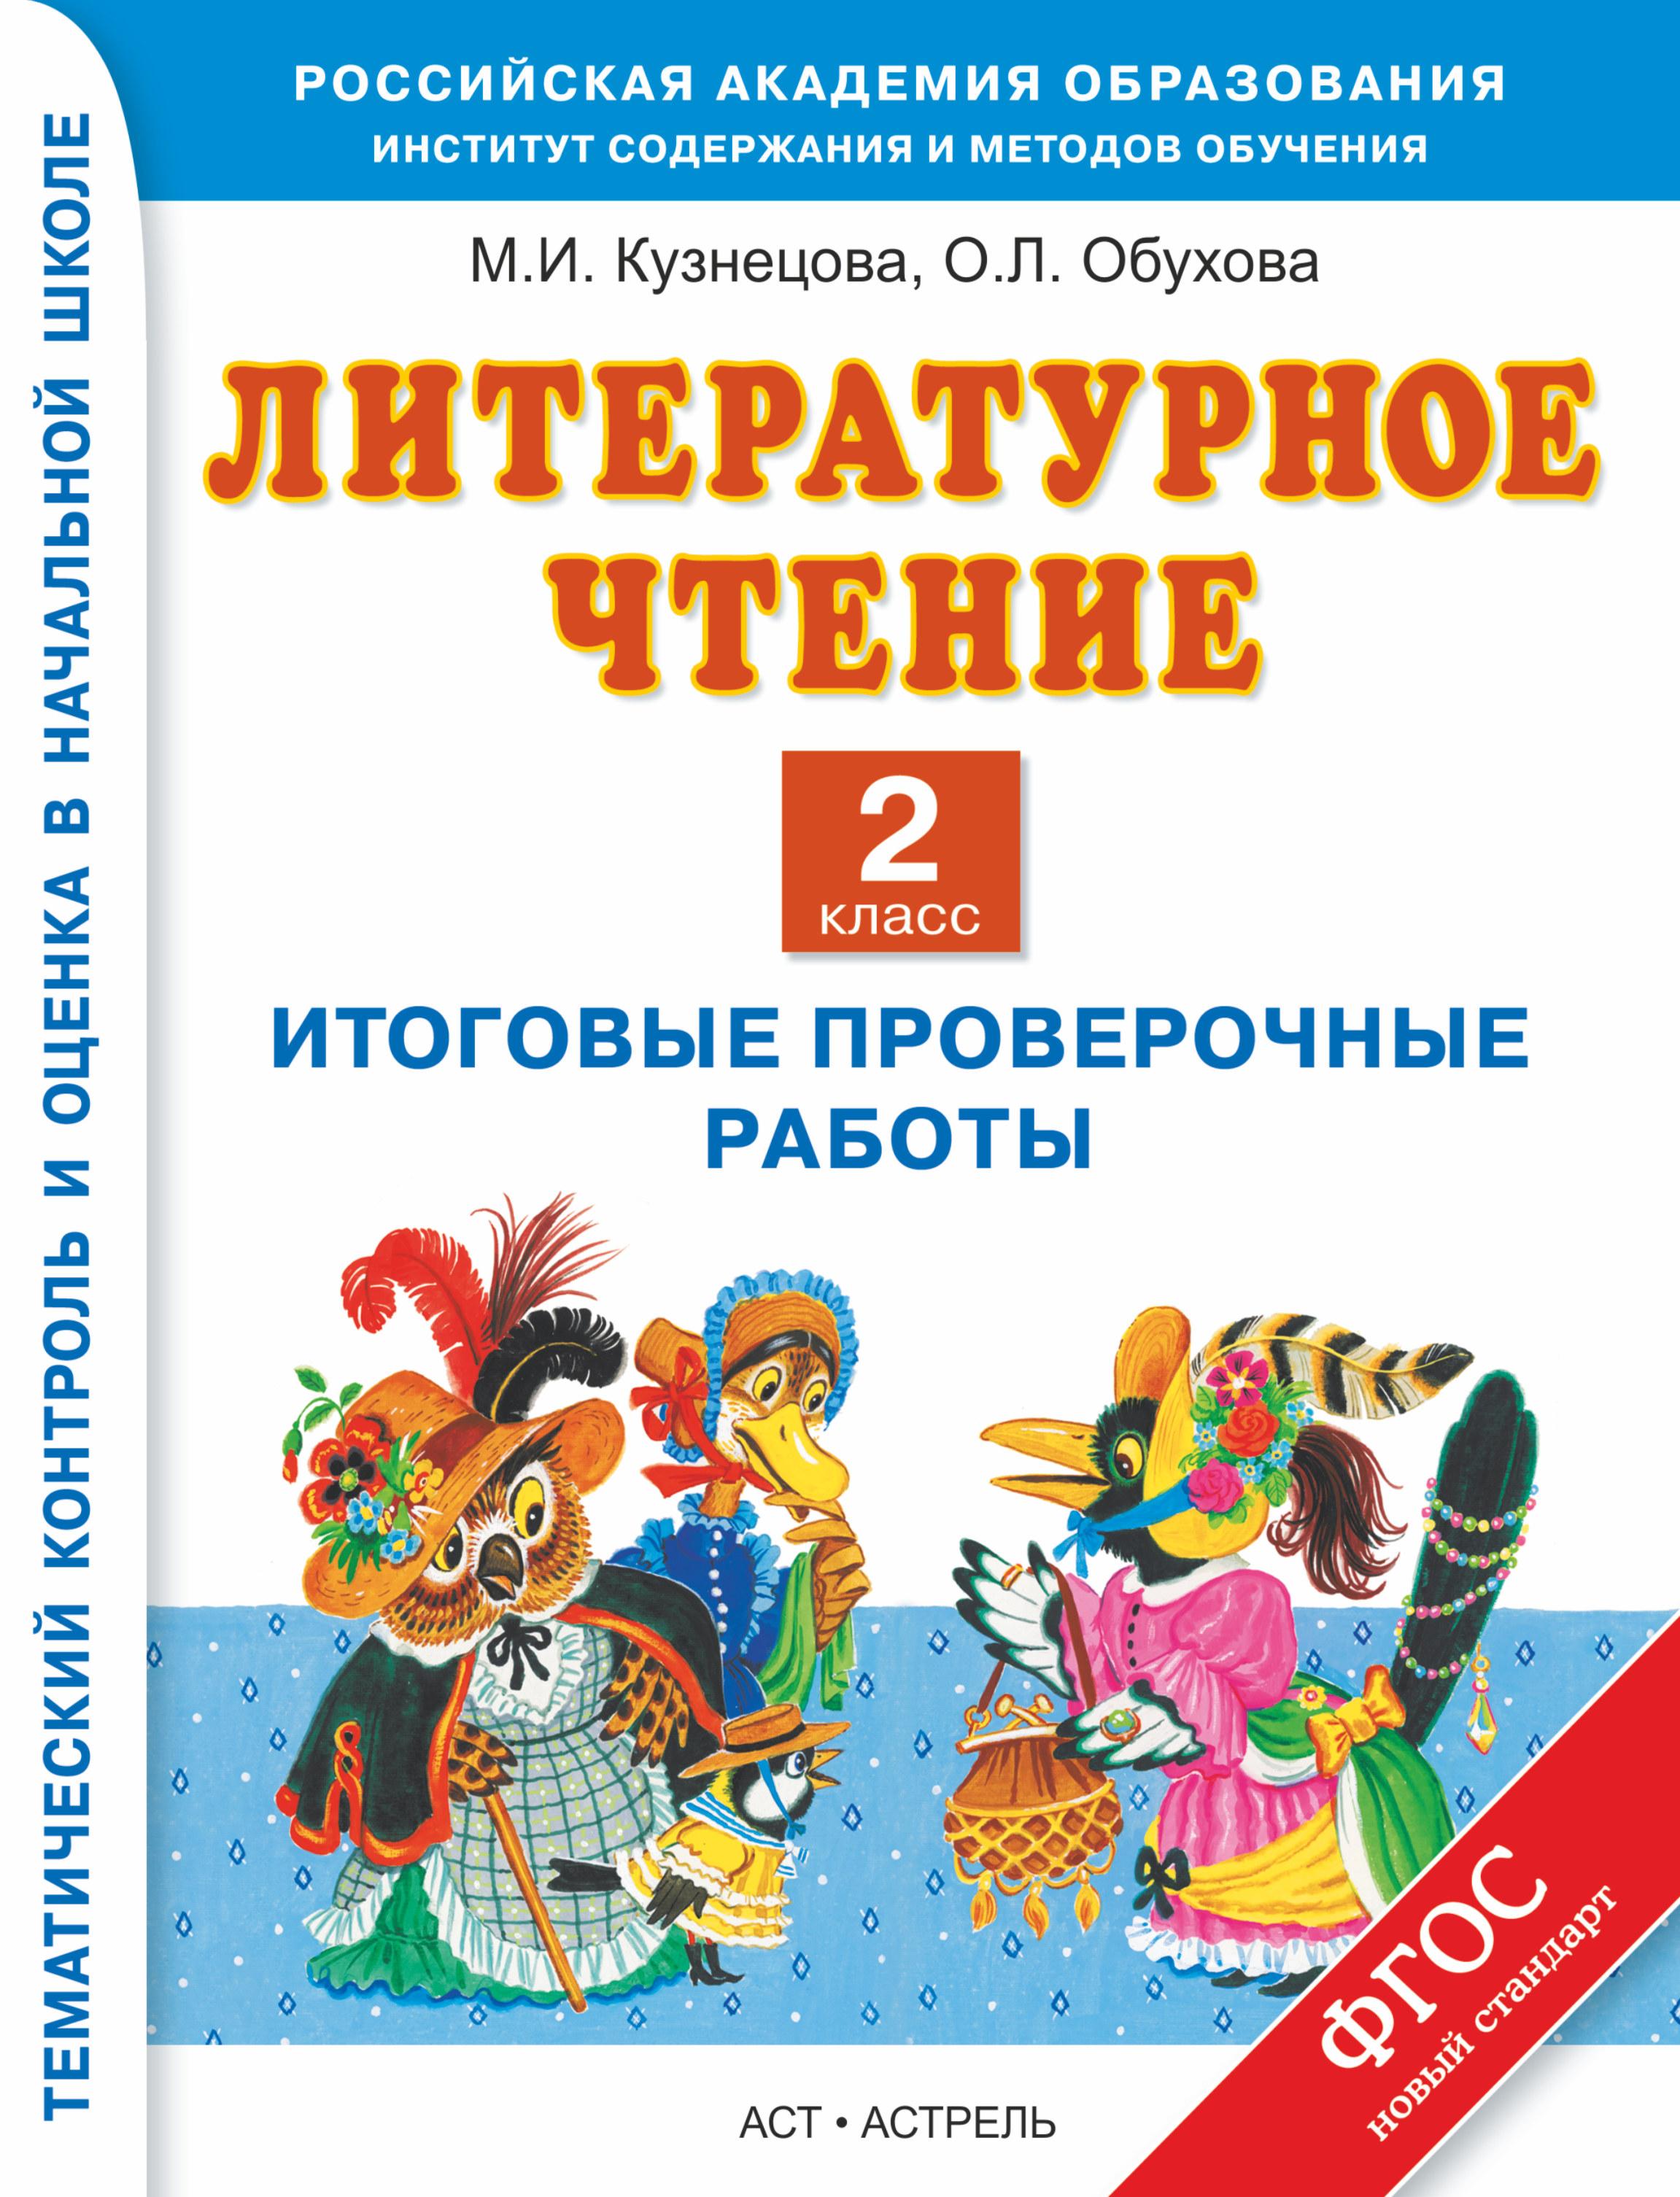 Литературное чтение. 2 класс. Итоговые проверочные работы